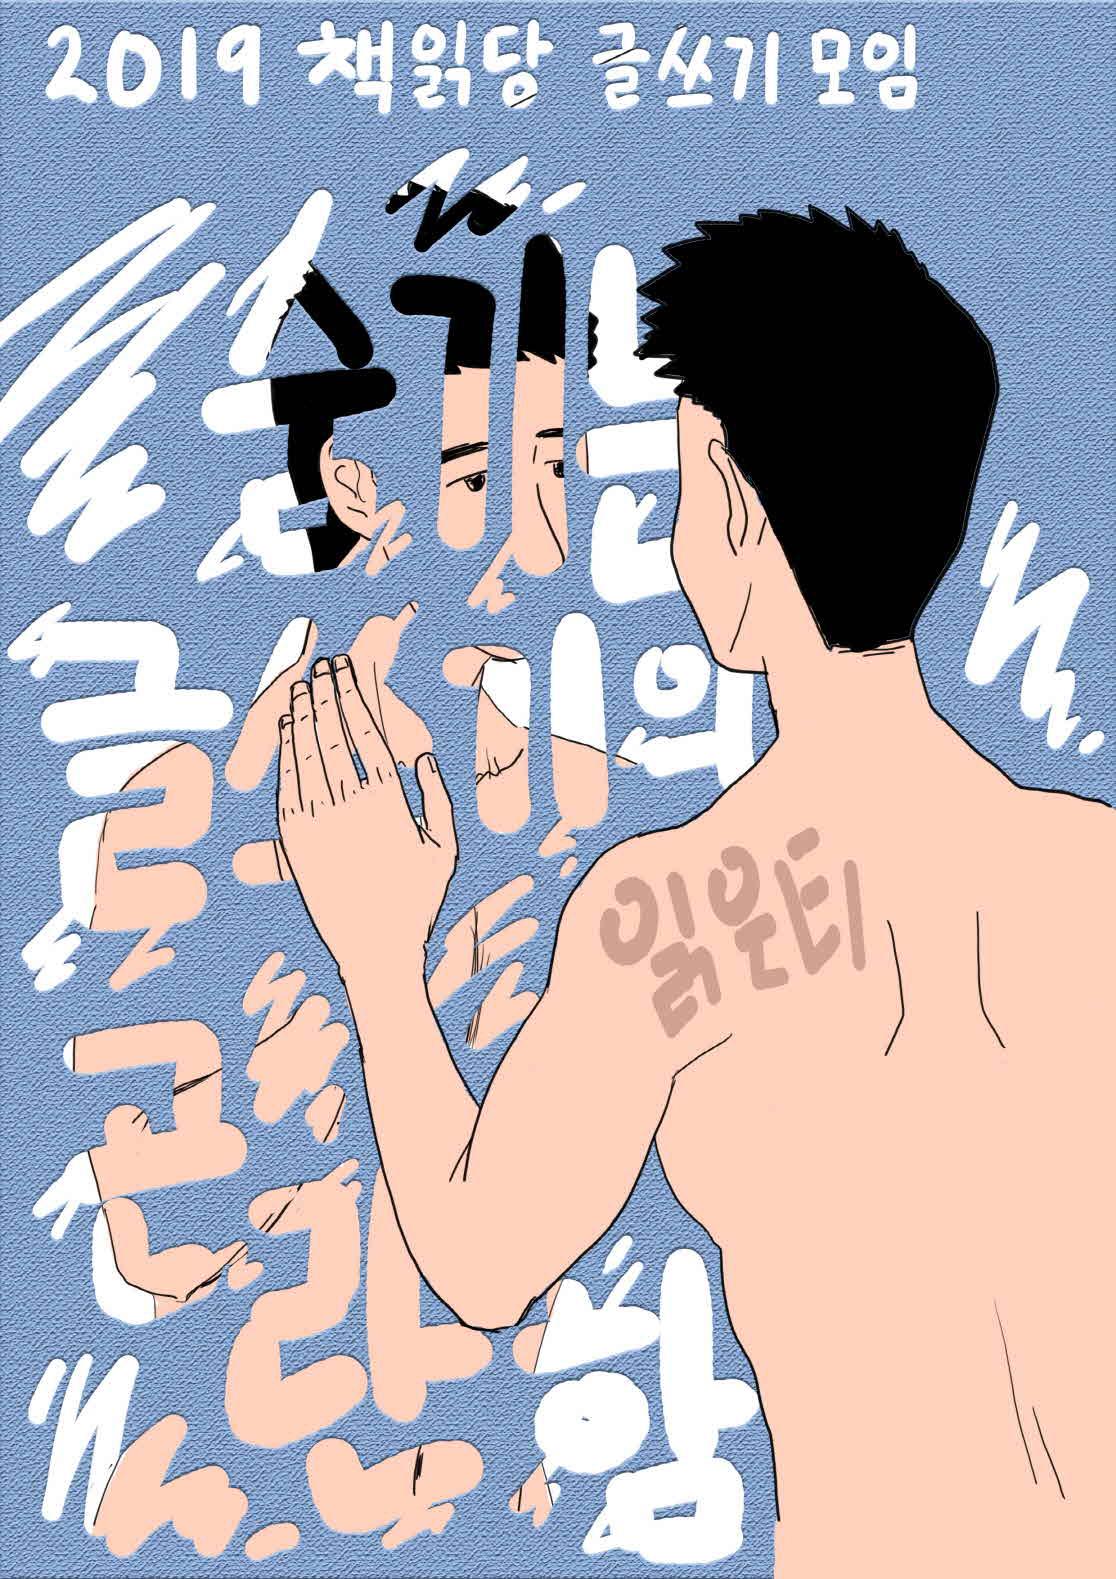 책읽당 독서모임 월간후기 타이틀 이미지.